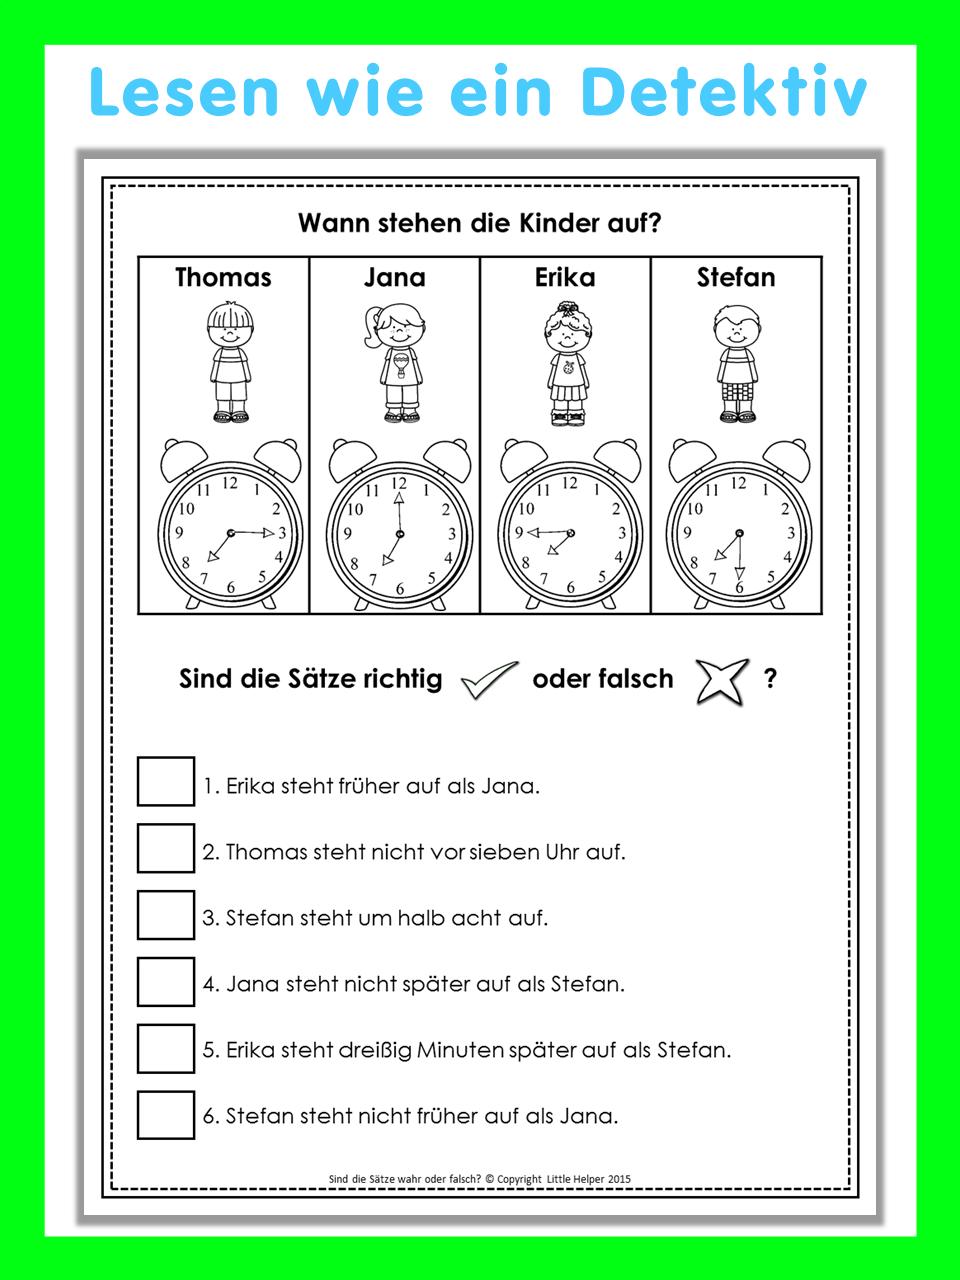 german reading challenge richtig oder falsch 24 leser tsel german resources pinterest alem n. Black Bedroom Furniture Sets. Home Design Ideas